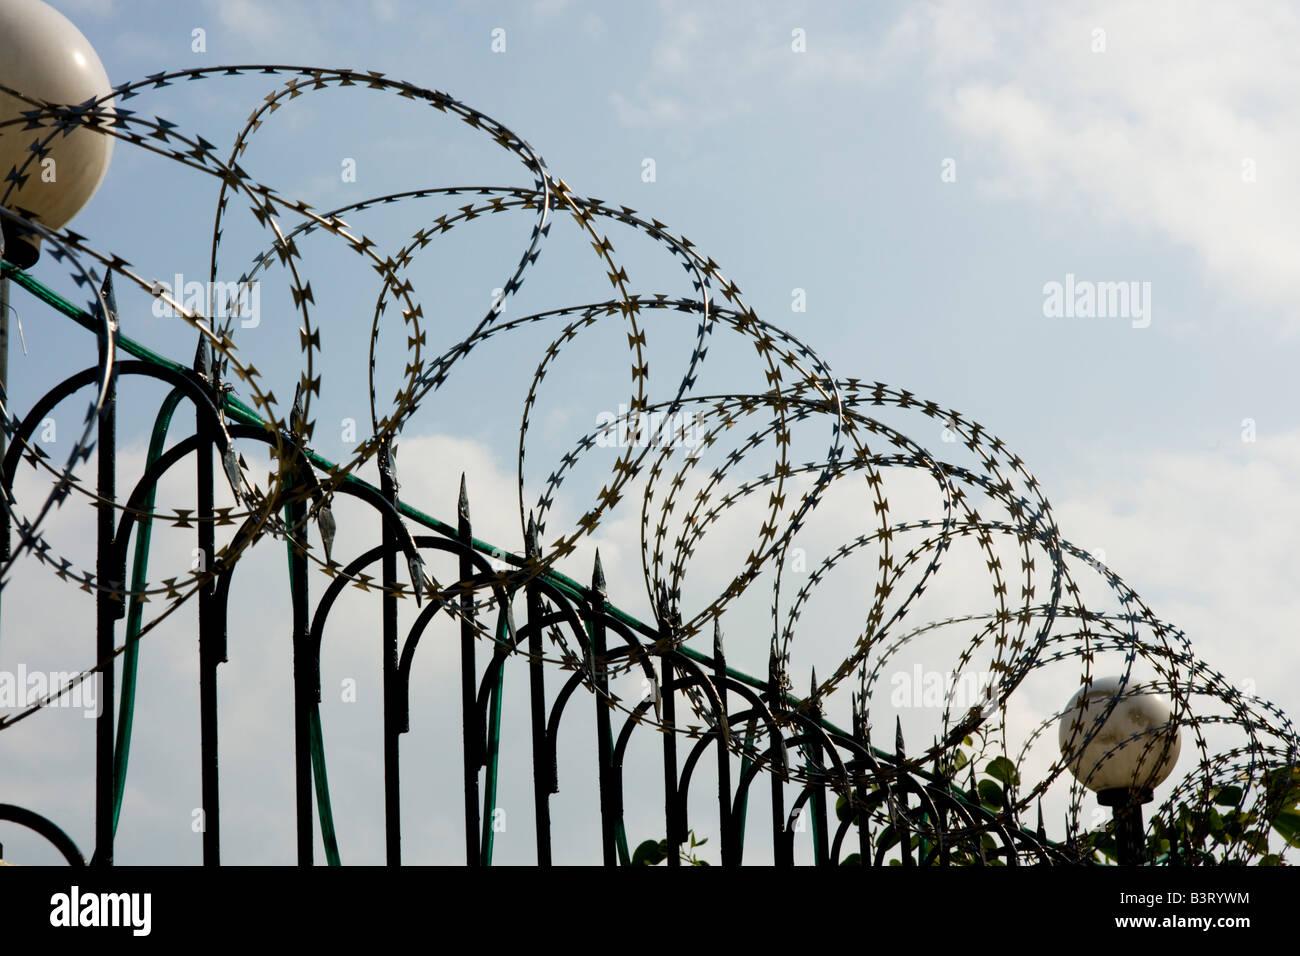 Security Fence Razer Wire Stock Photos & Security Fence Razer Wire ...